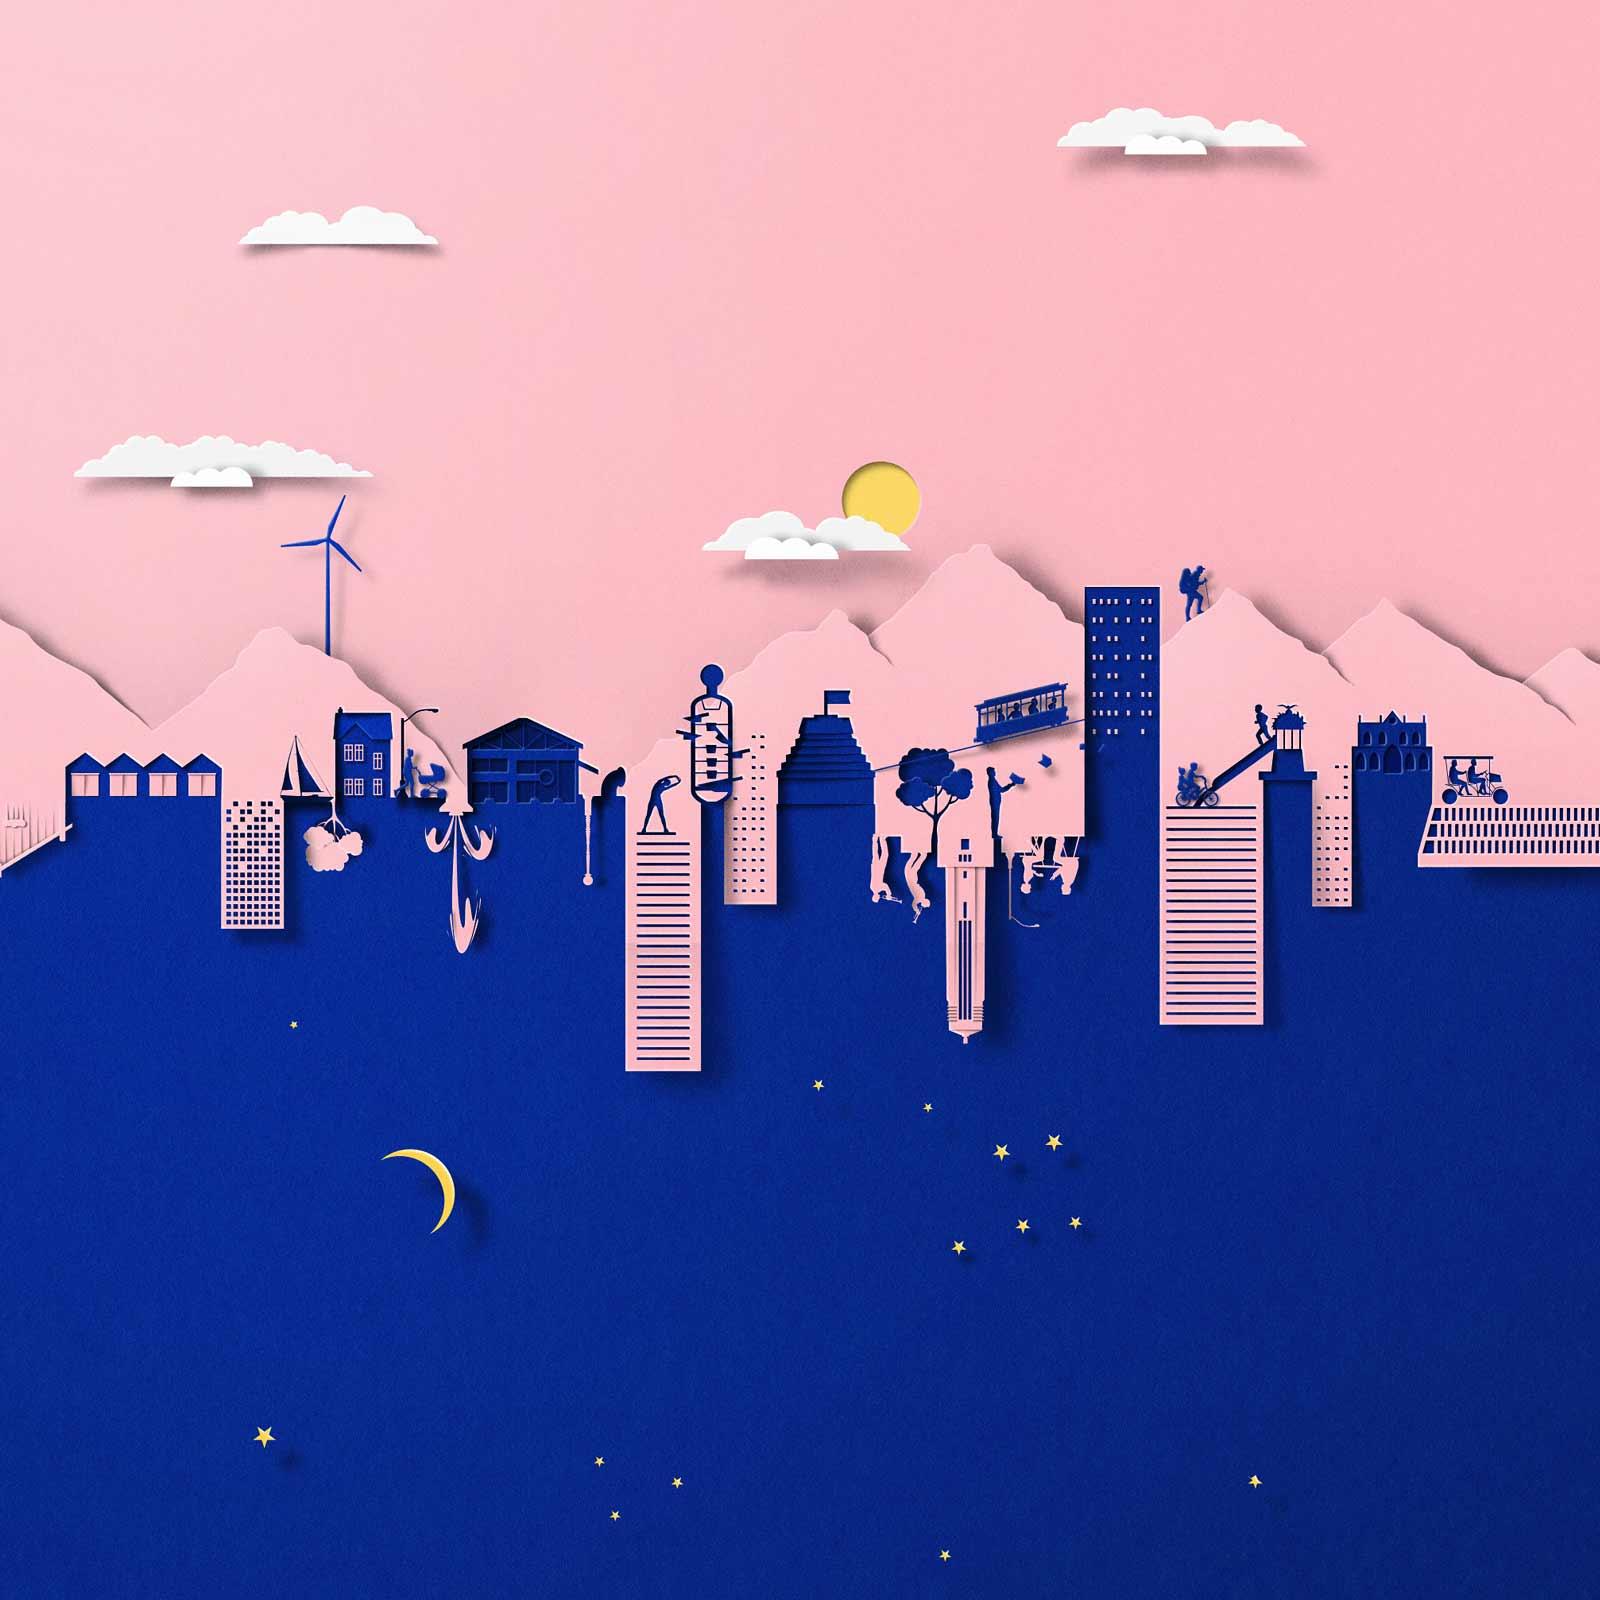 Neue papiergleiche Illustrationen von Eiko Ojala Eiko-Ojala_papierillustrationen_2019_09